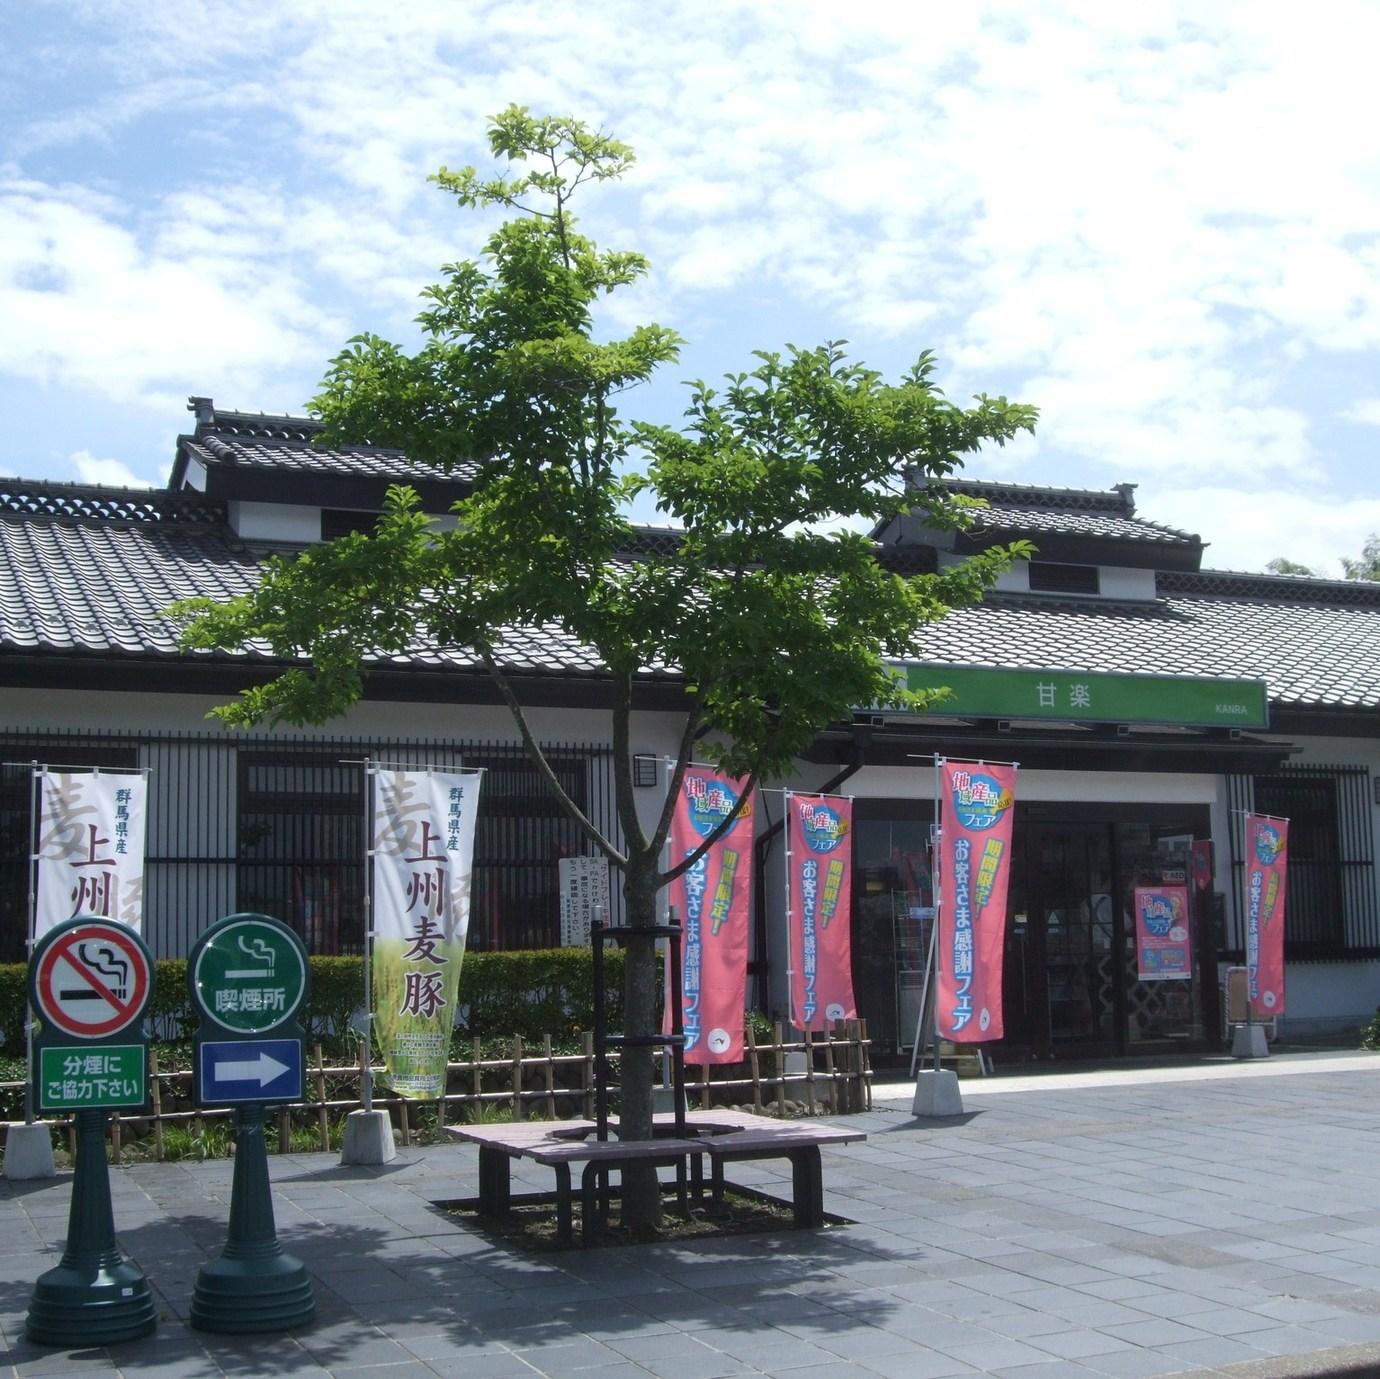 甘楽パーキングエリア(下り線)特設売店